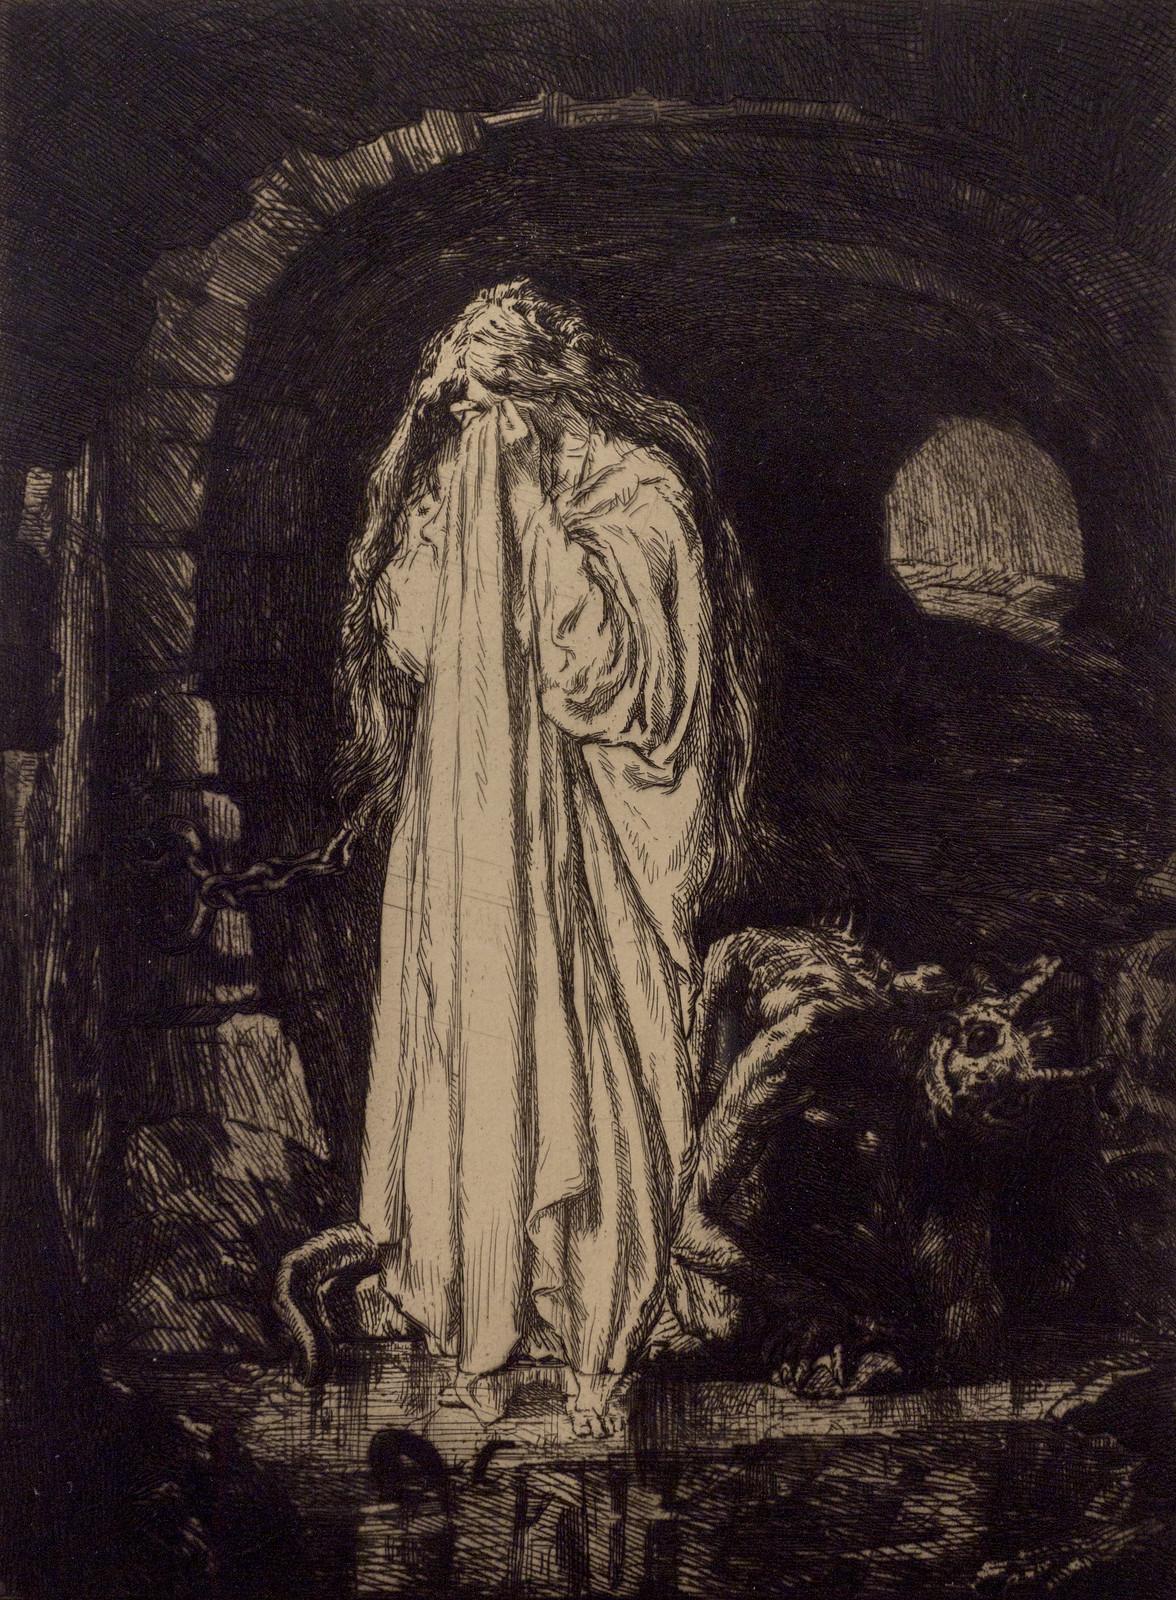 Marcel Roux - Satan's Slave, 1907